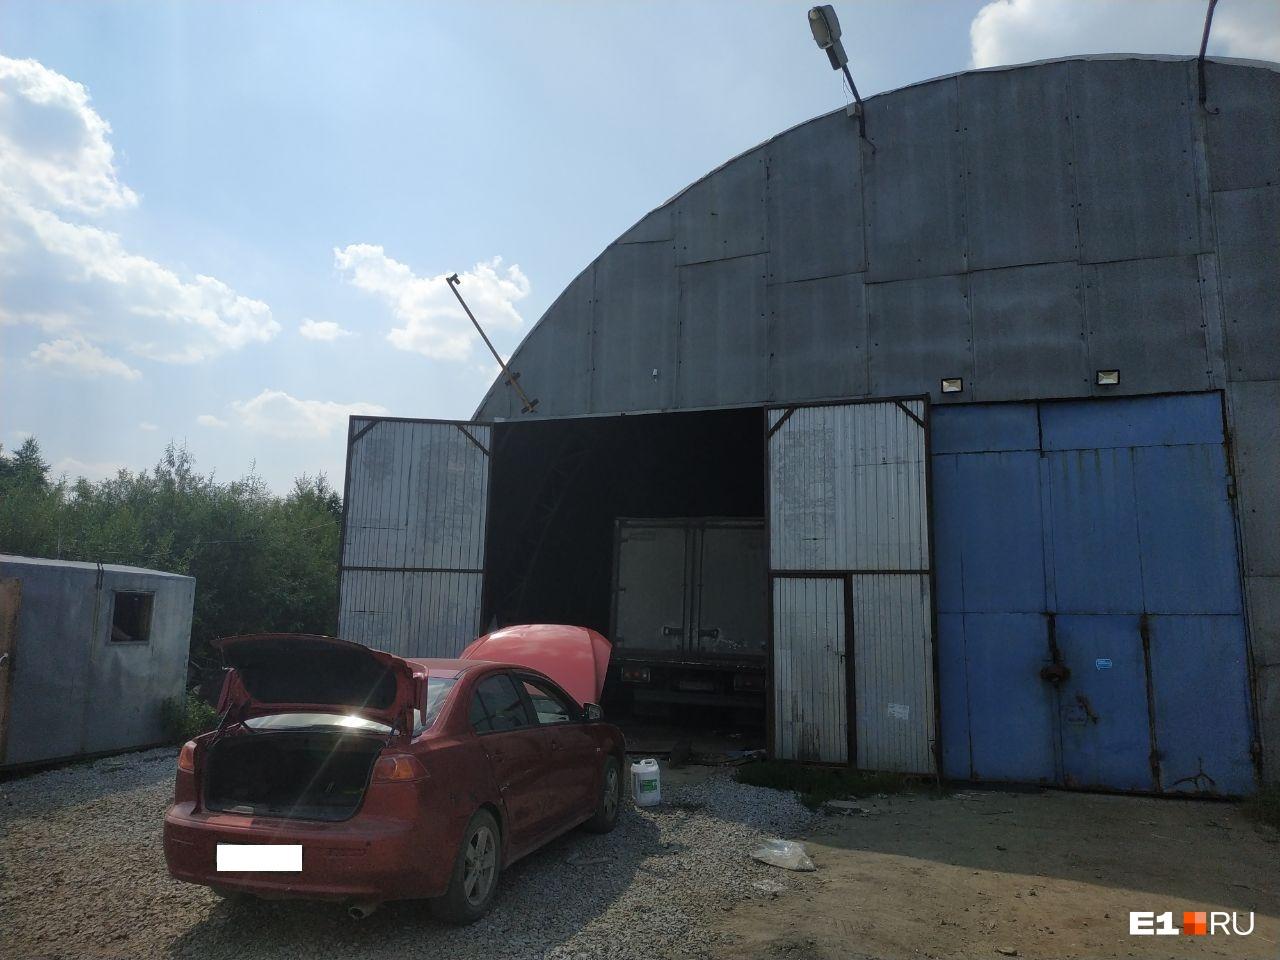 Владельцы ангара о предстоящем изъятии участка узнали от корреспондента E1.RU